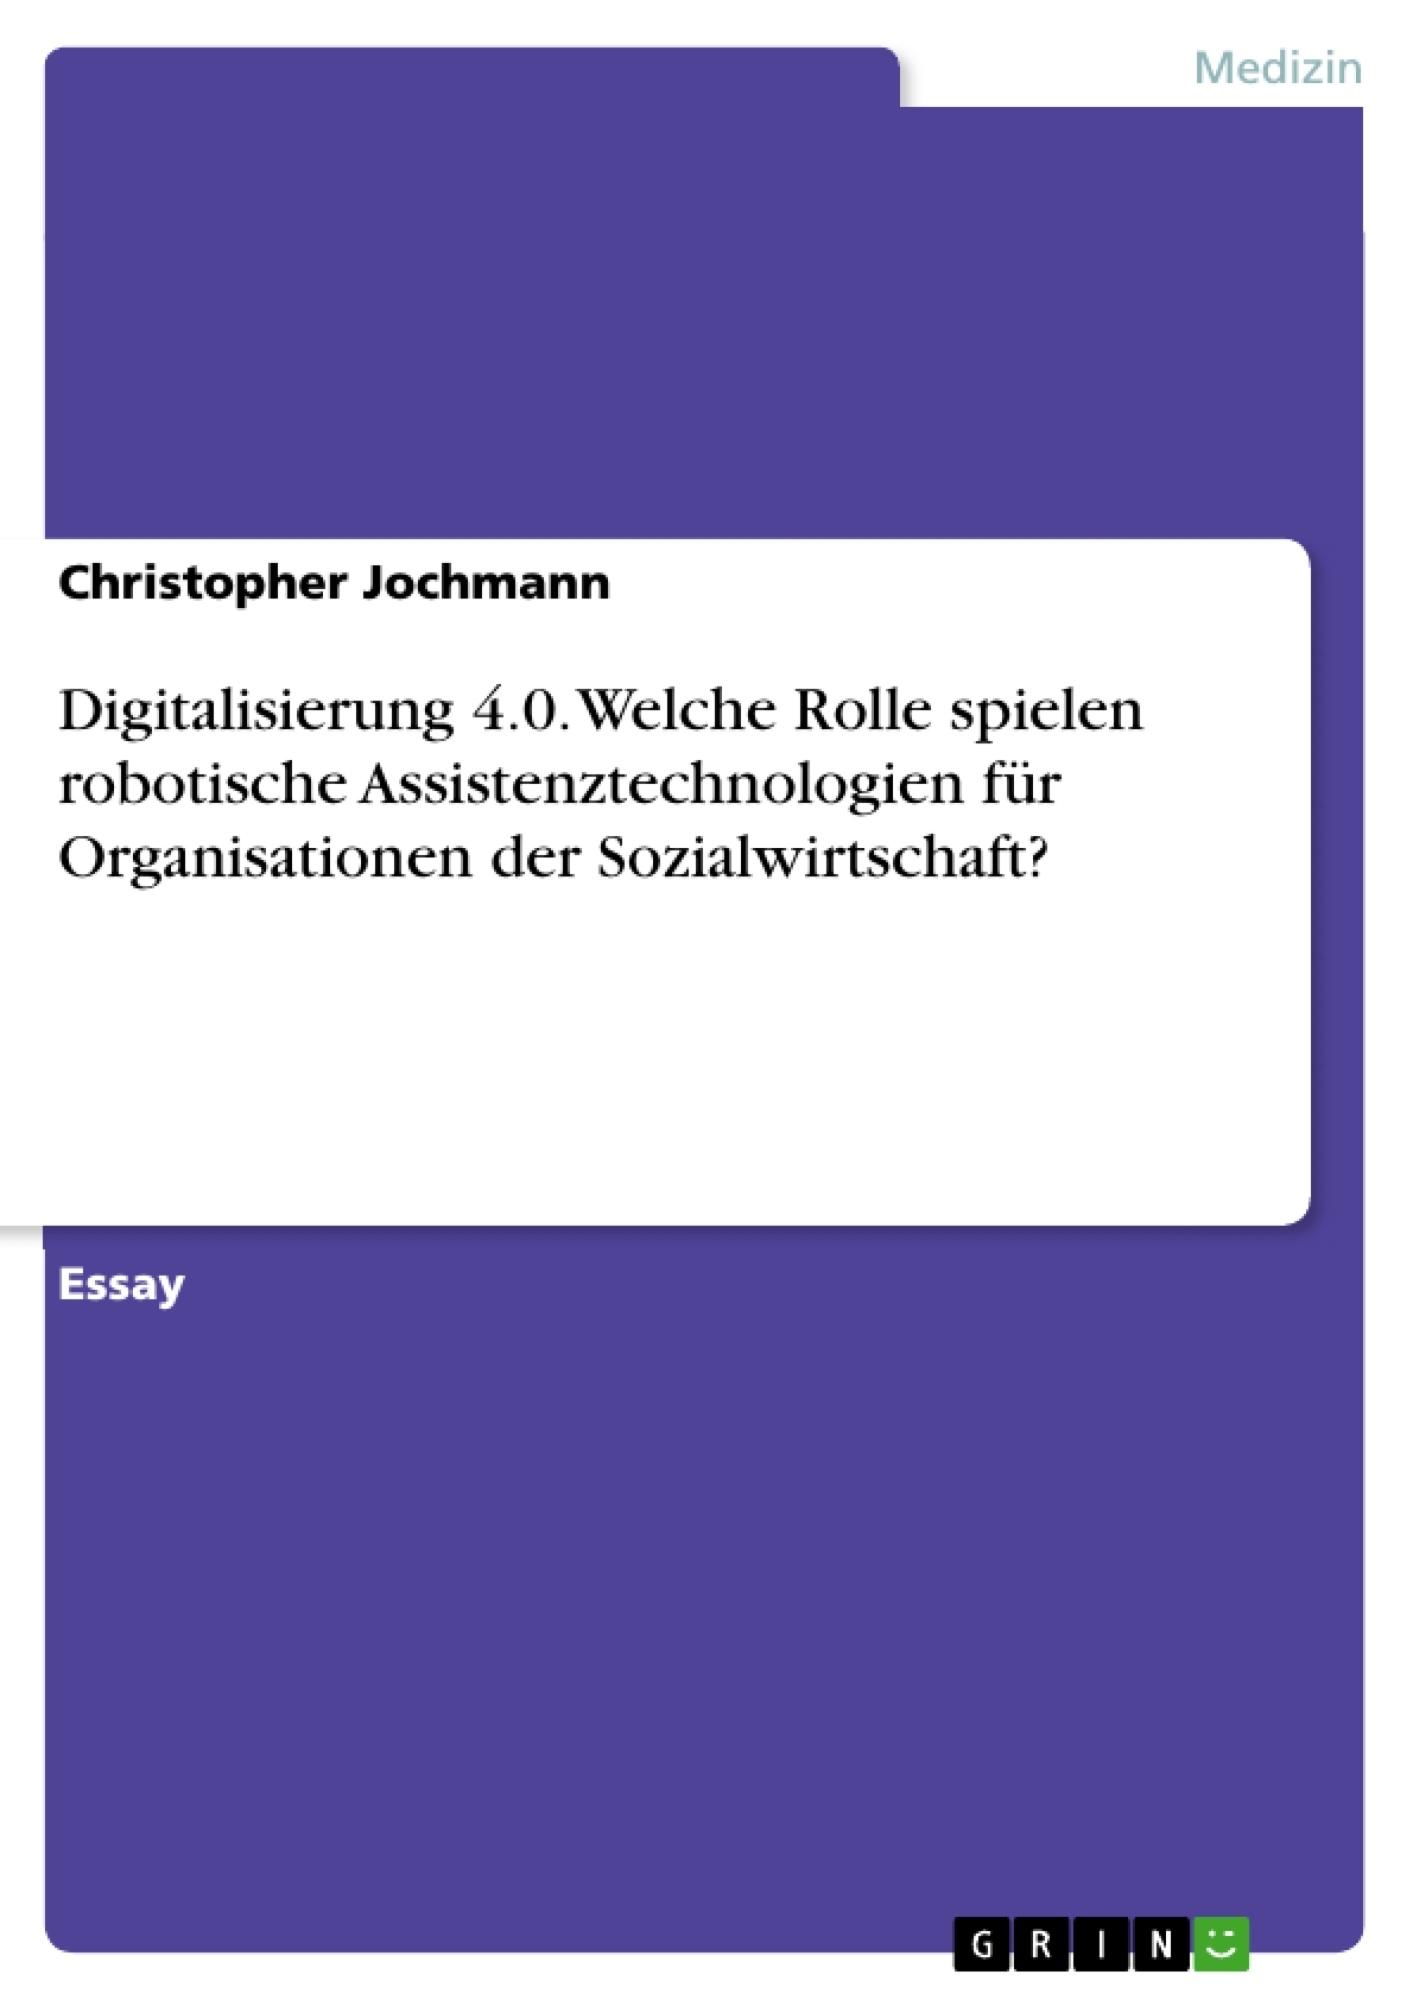 Titel: Digitalisierung 4.0. Welche Rolle spielen robotische Assistenztechnologien für Organisationen der Sozialwirtschaft?